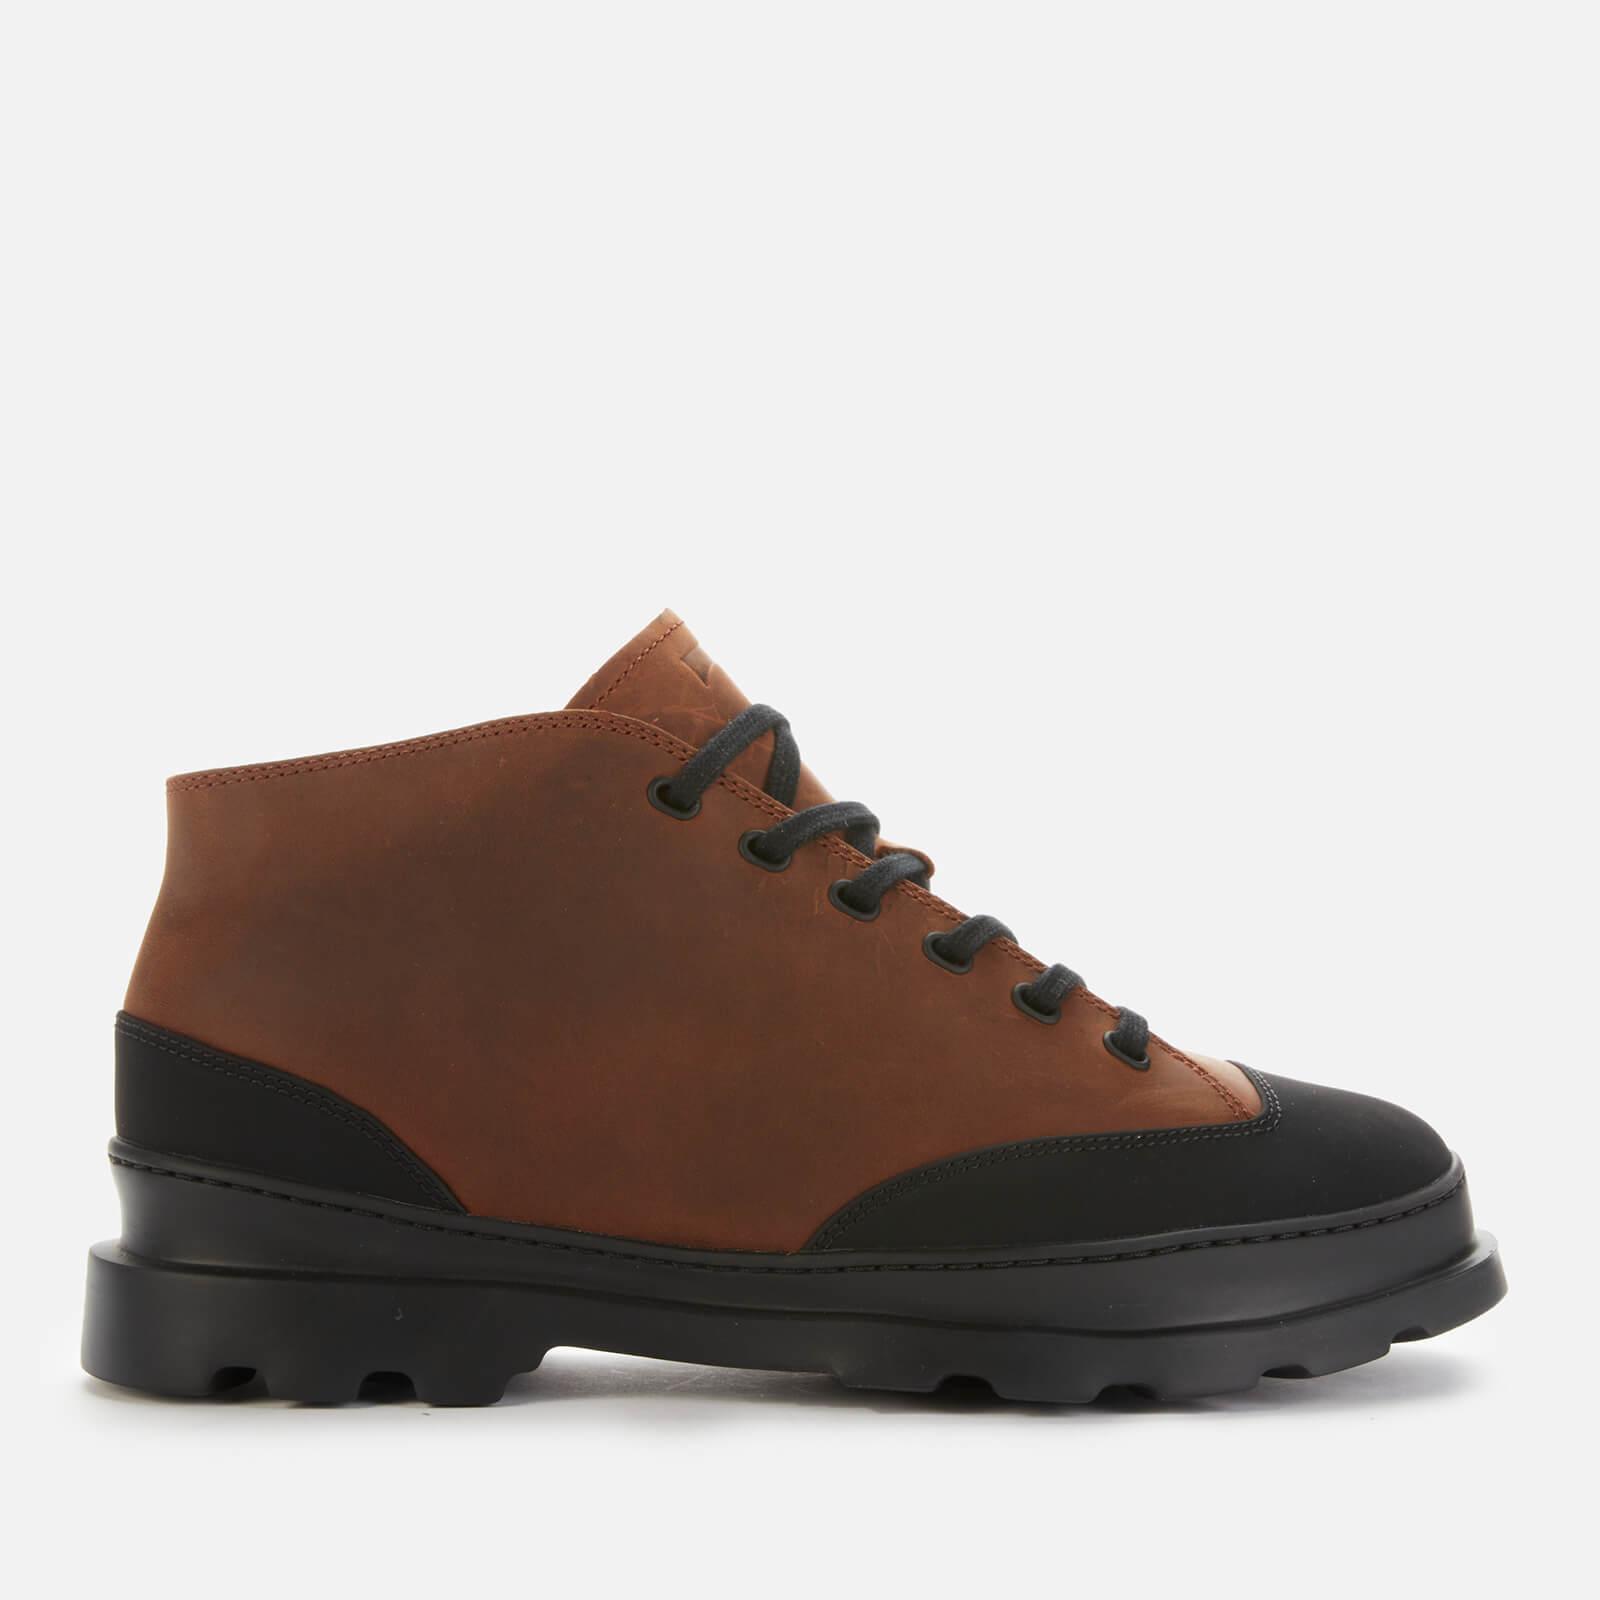 Camper Men's Brutus Ankle Boots - Medium Brown - UK 7